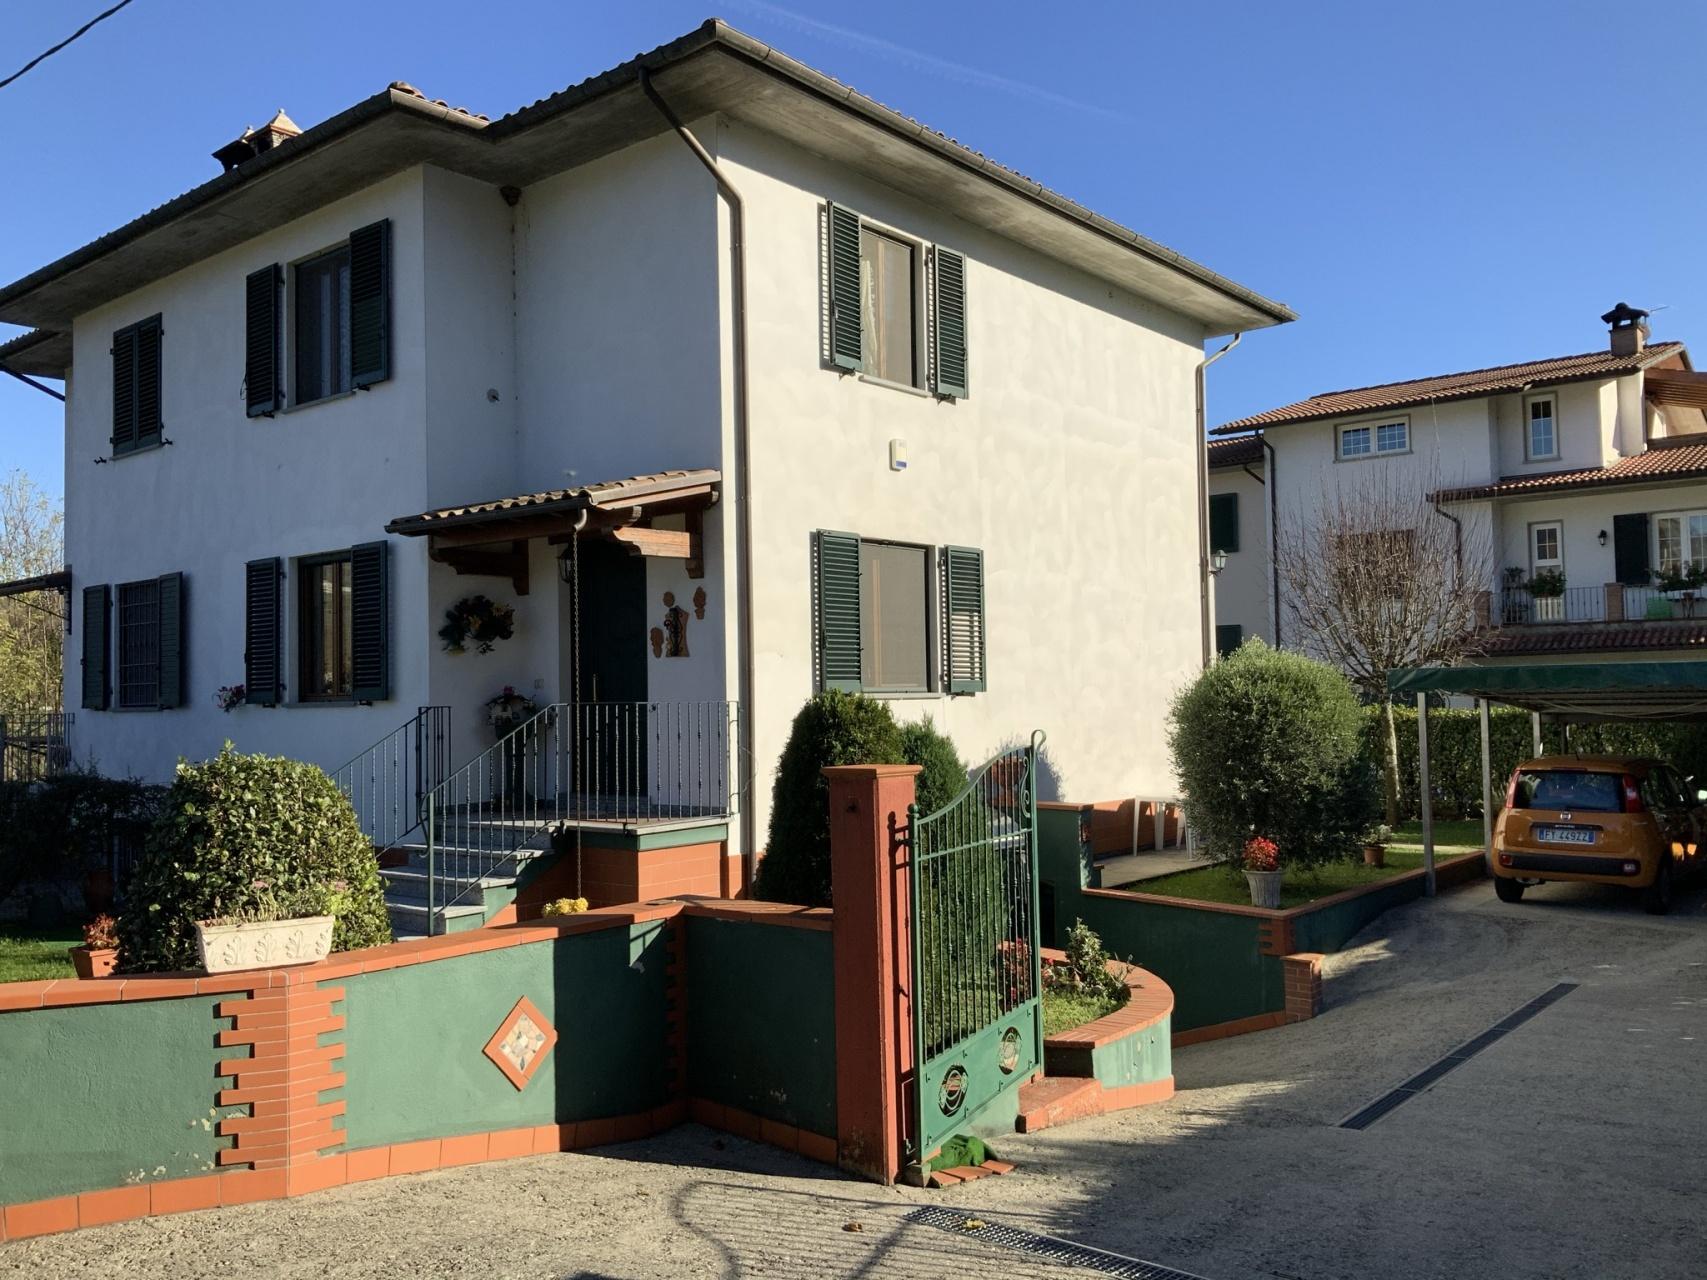 foto Villetta terratetto con giardino Gallicano, Lucca.